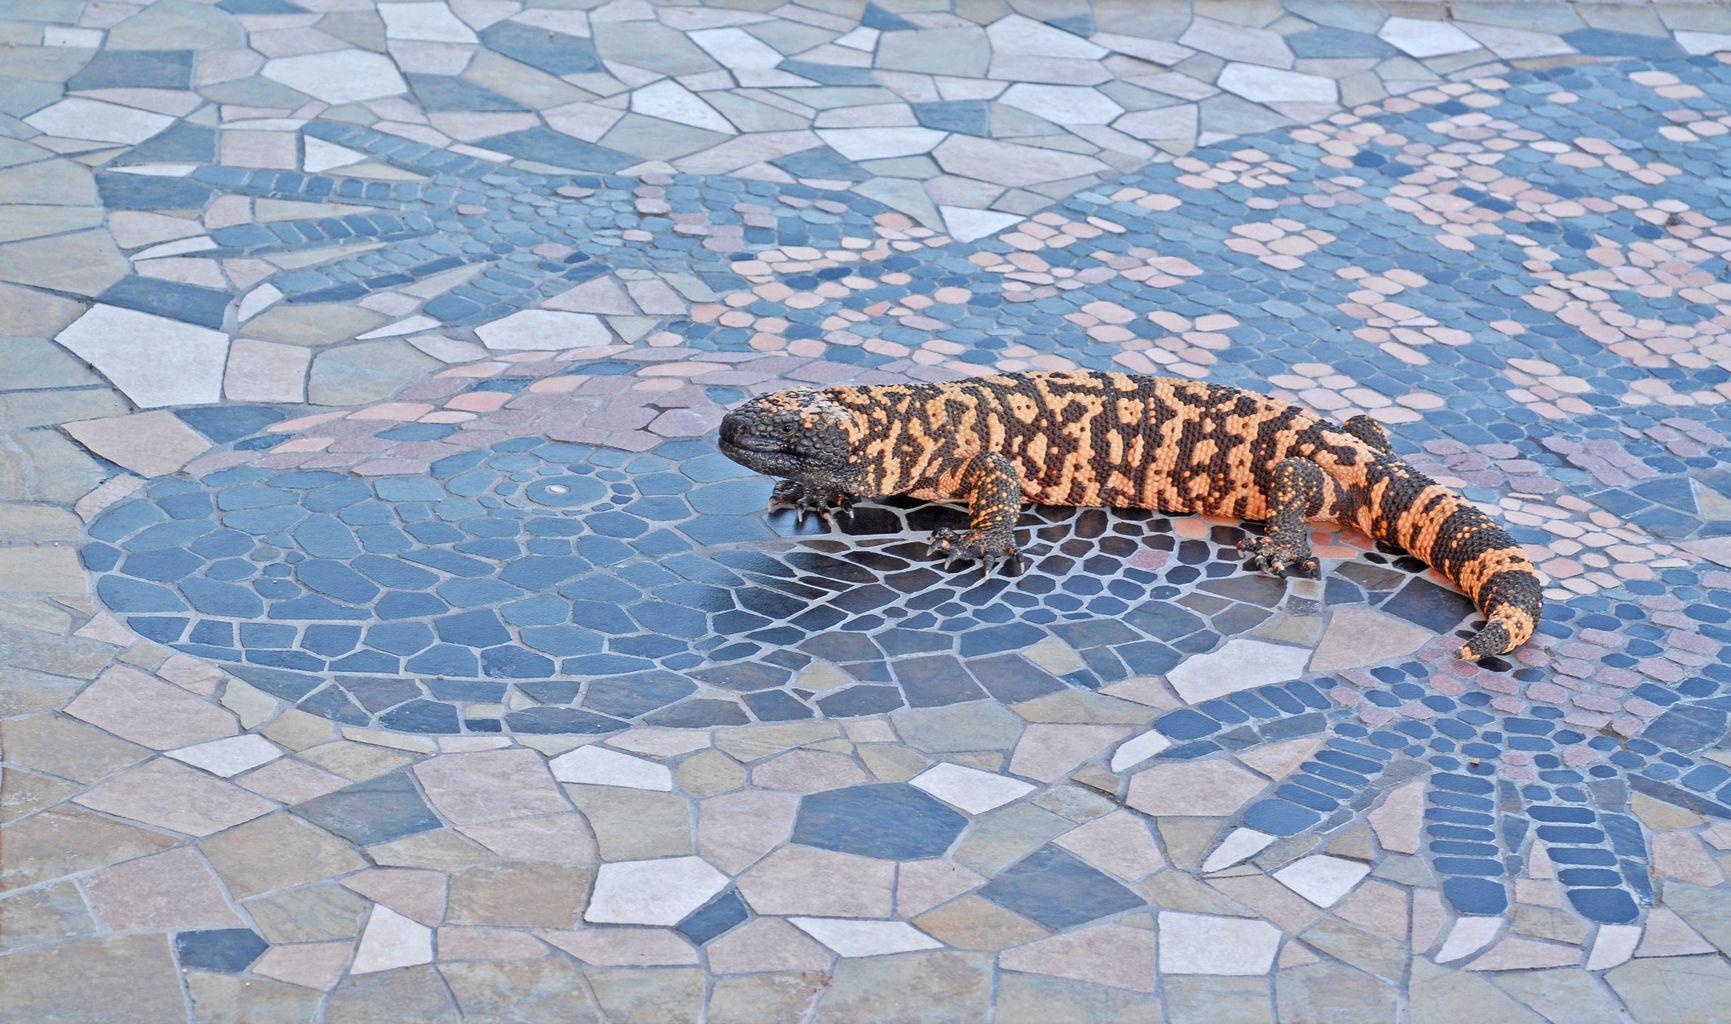 CDM sidewalk art by Tell Hicks, C, tweaked.jpg